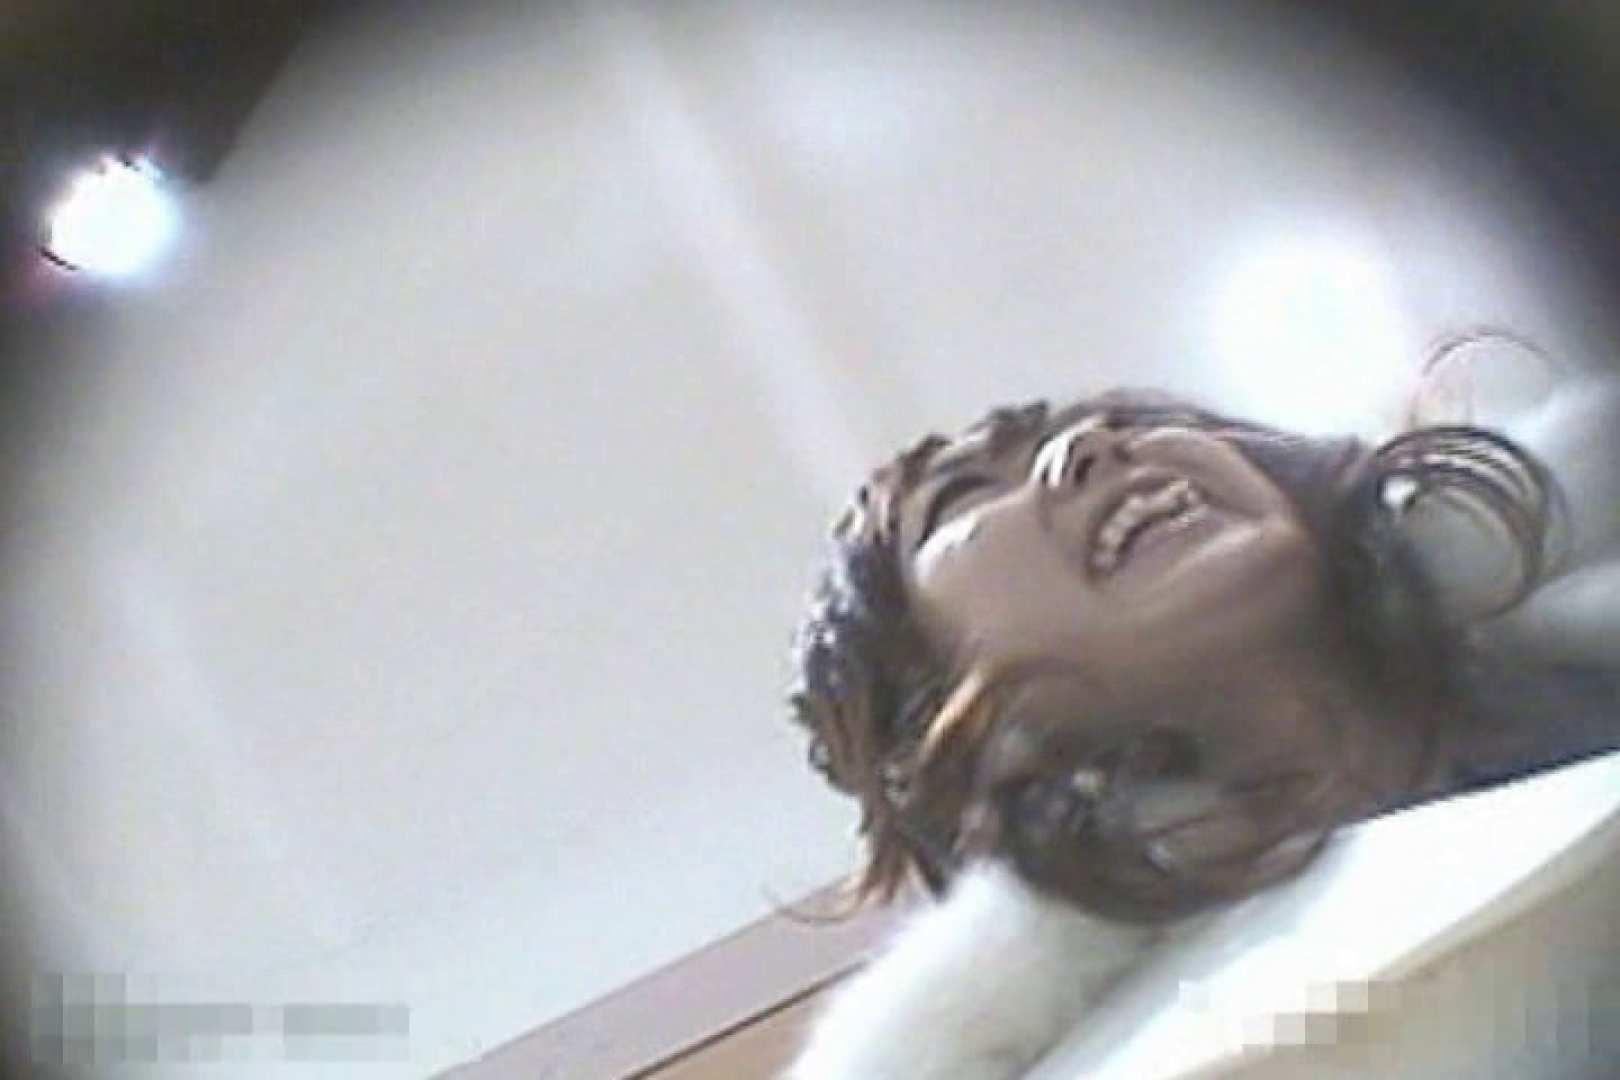 パンチラ七変化!!Vol.6 パンチラ セックス無修正動画無料 49画像 4